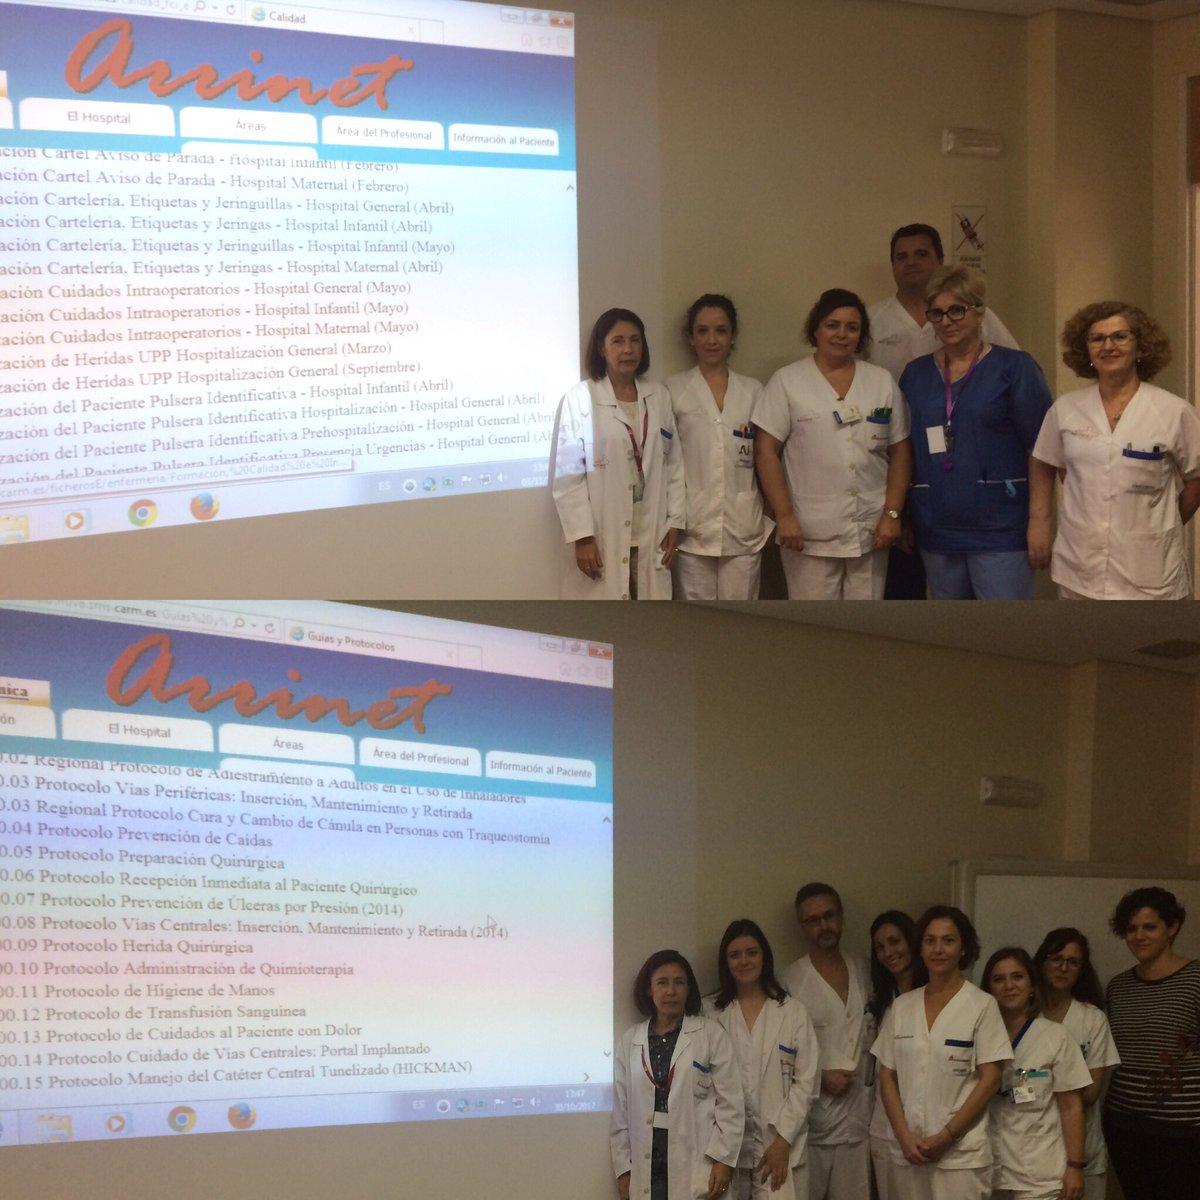 enfermerasimplicadas hashtag on Twitter